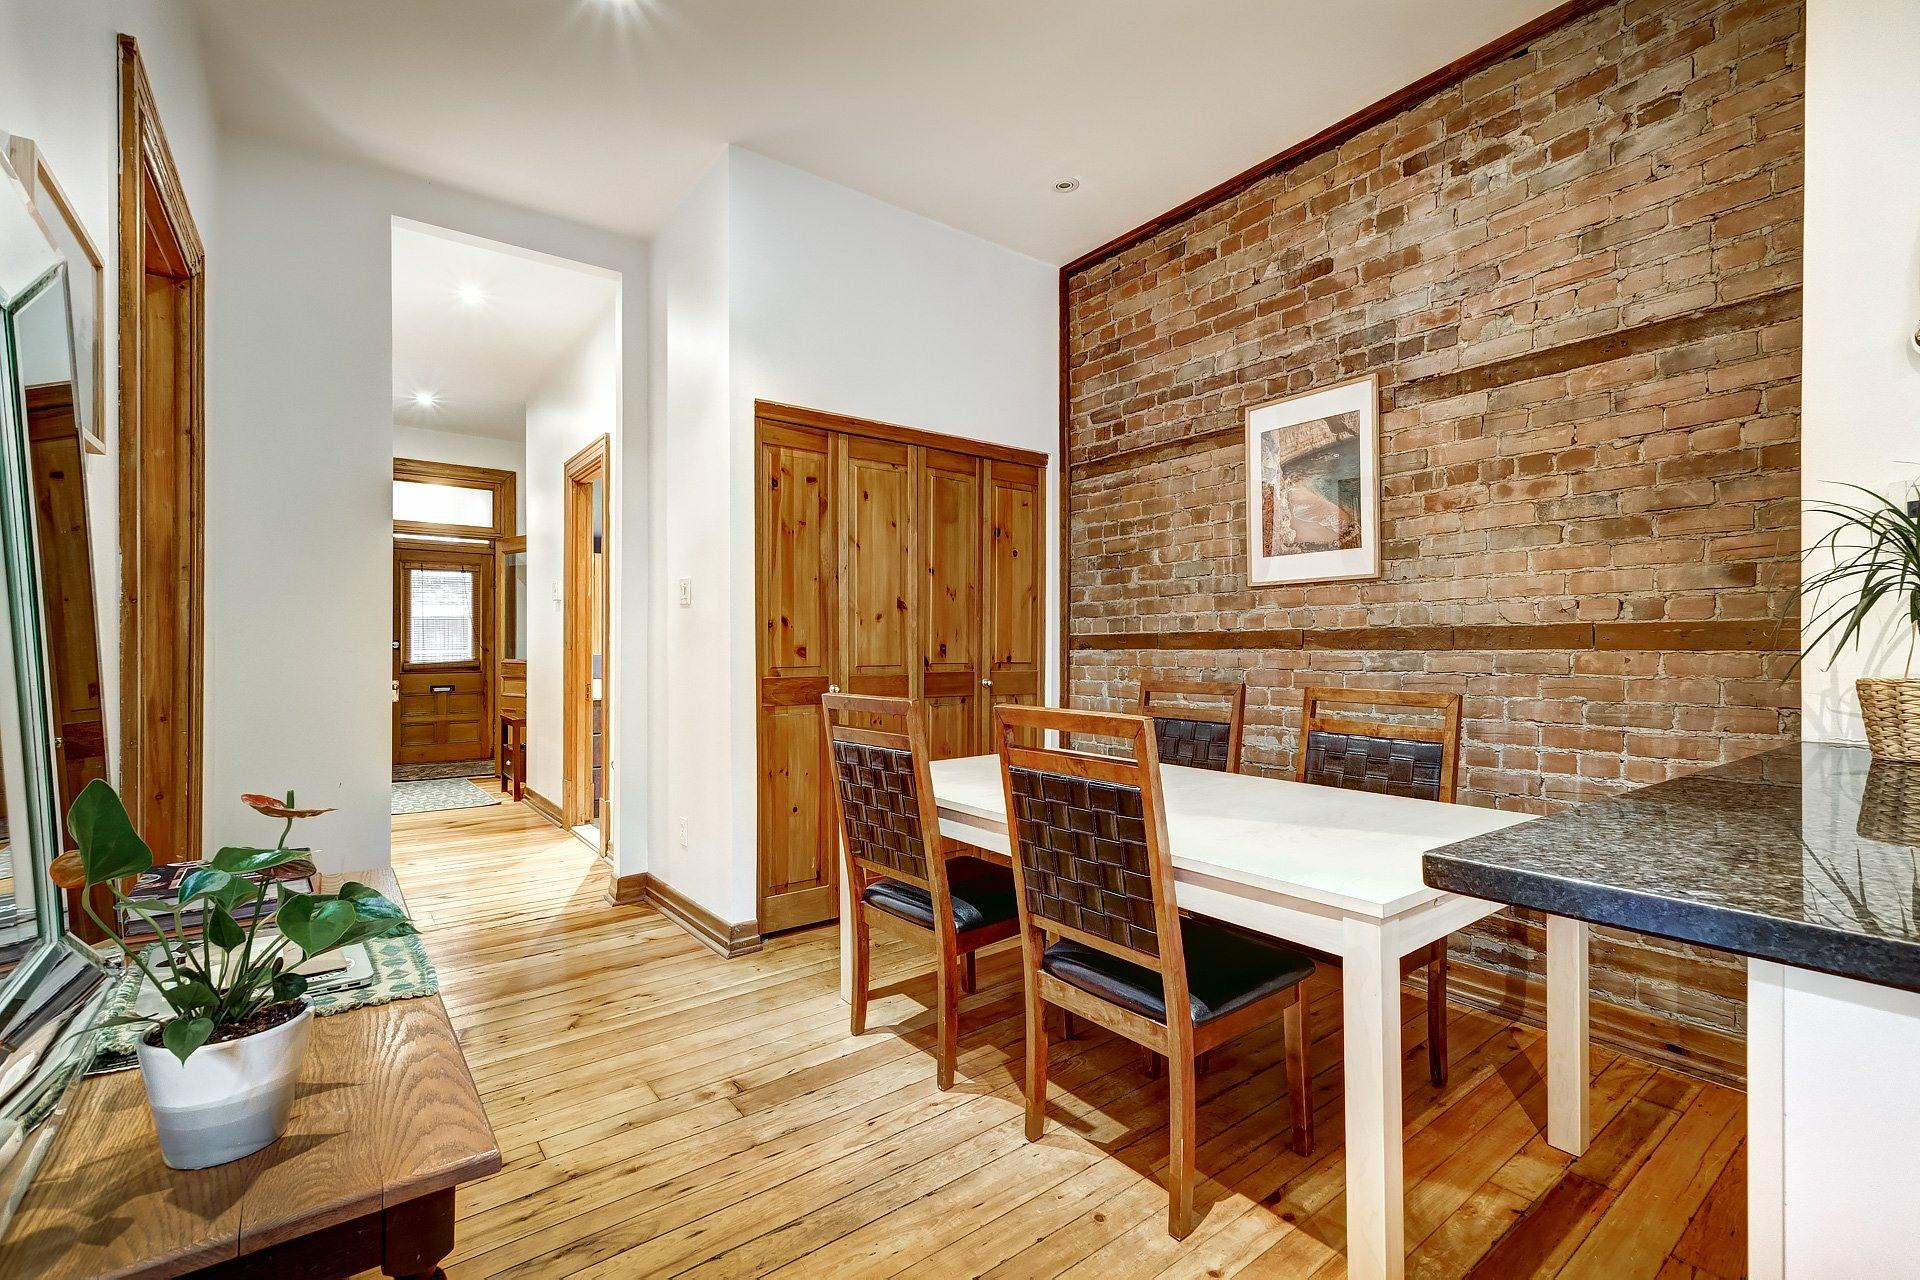 image 9 - Apartment For sale Le Plateau-Mont-Royal Montréal  - 6 rooms